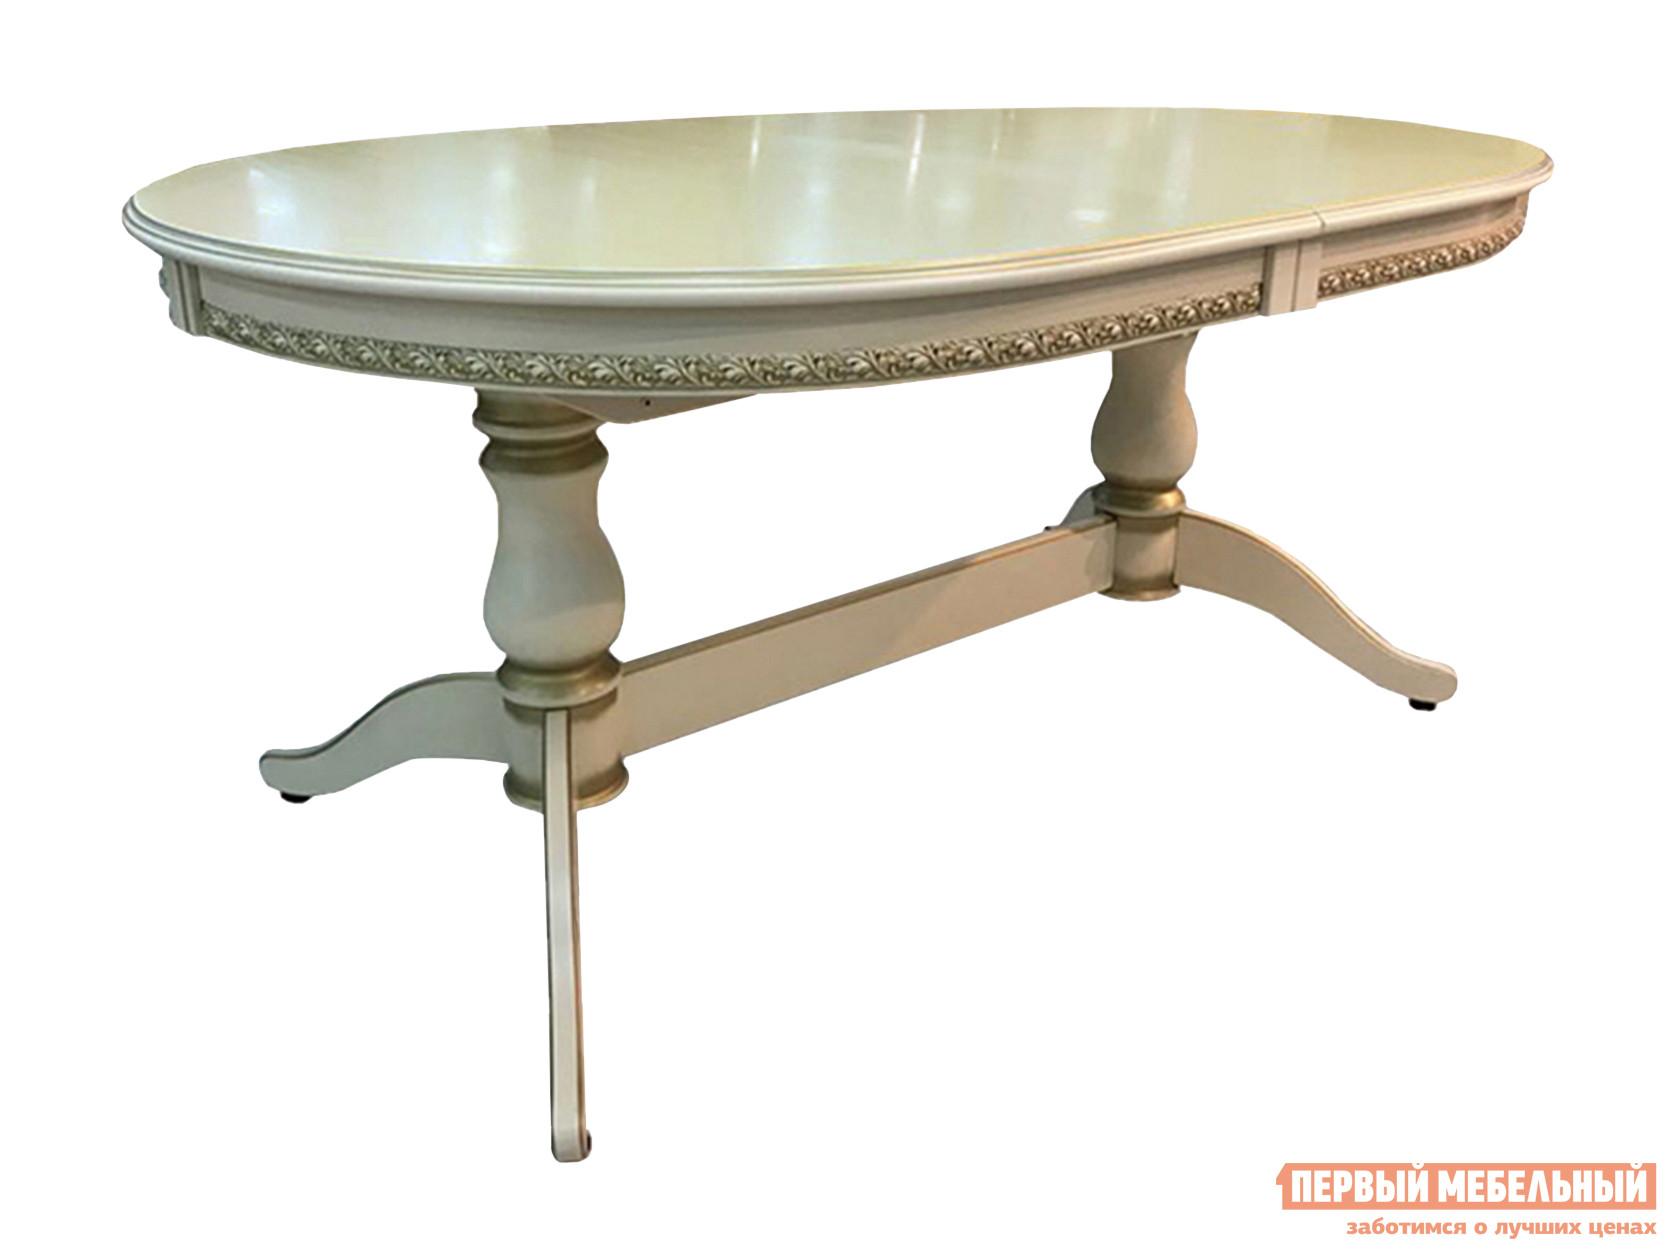 Обеденный стол ДИК Стол Альт 12-40 обеденный стол дик стол альт 69 11